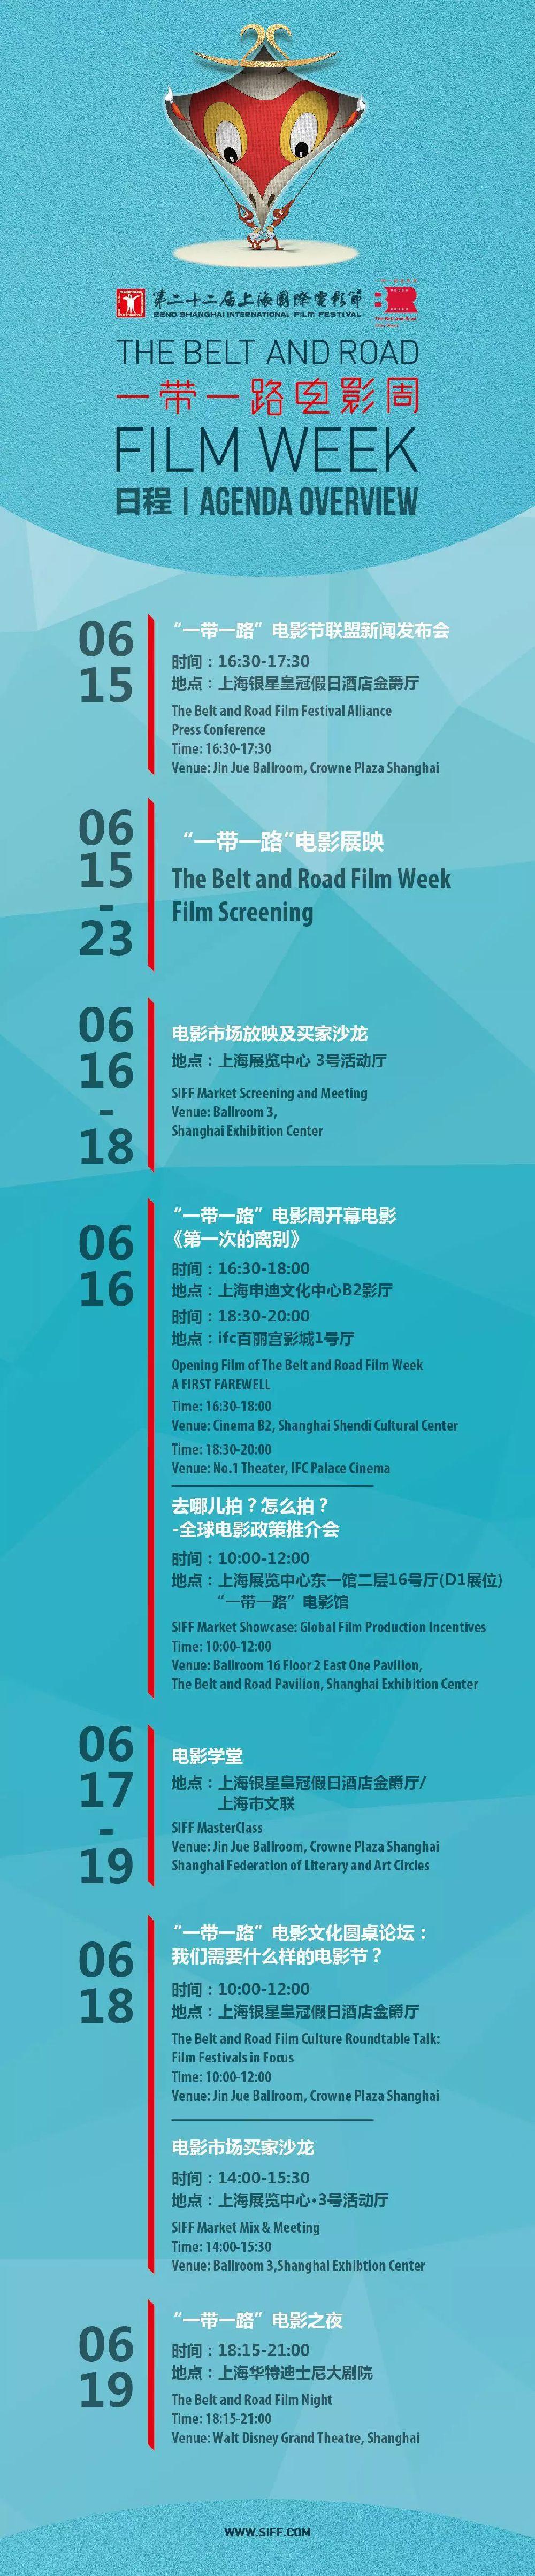 2019上海电影节一带一路电影周日程安排公布